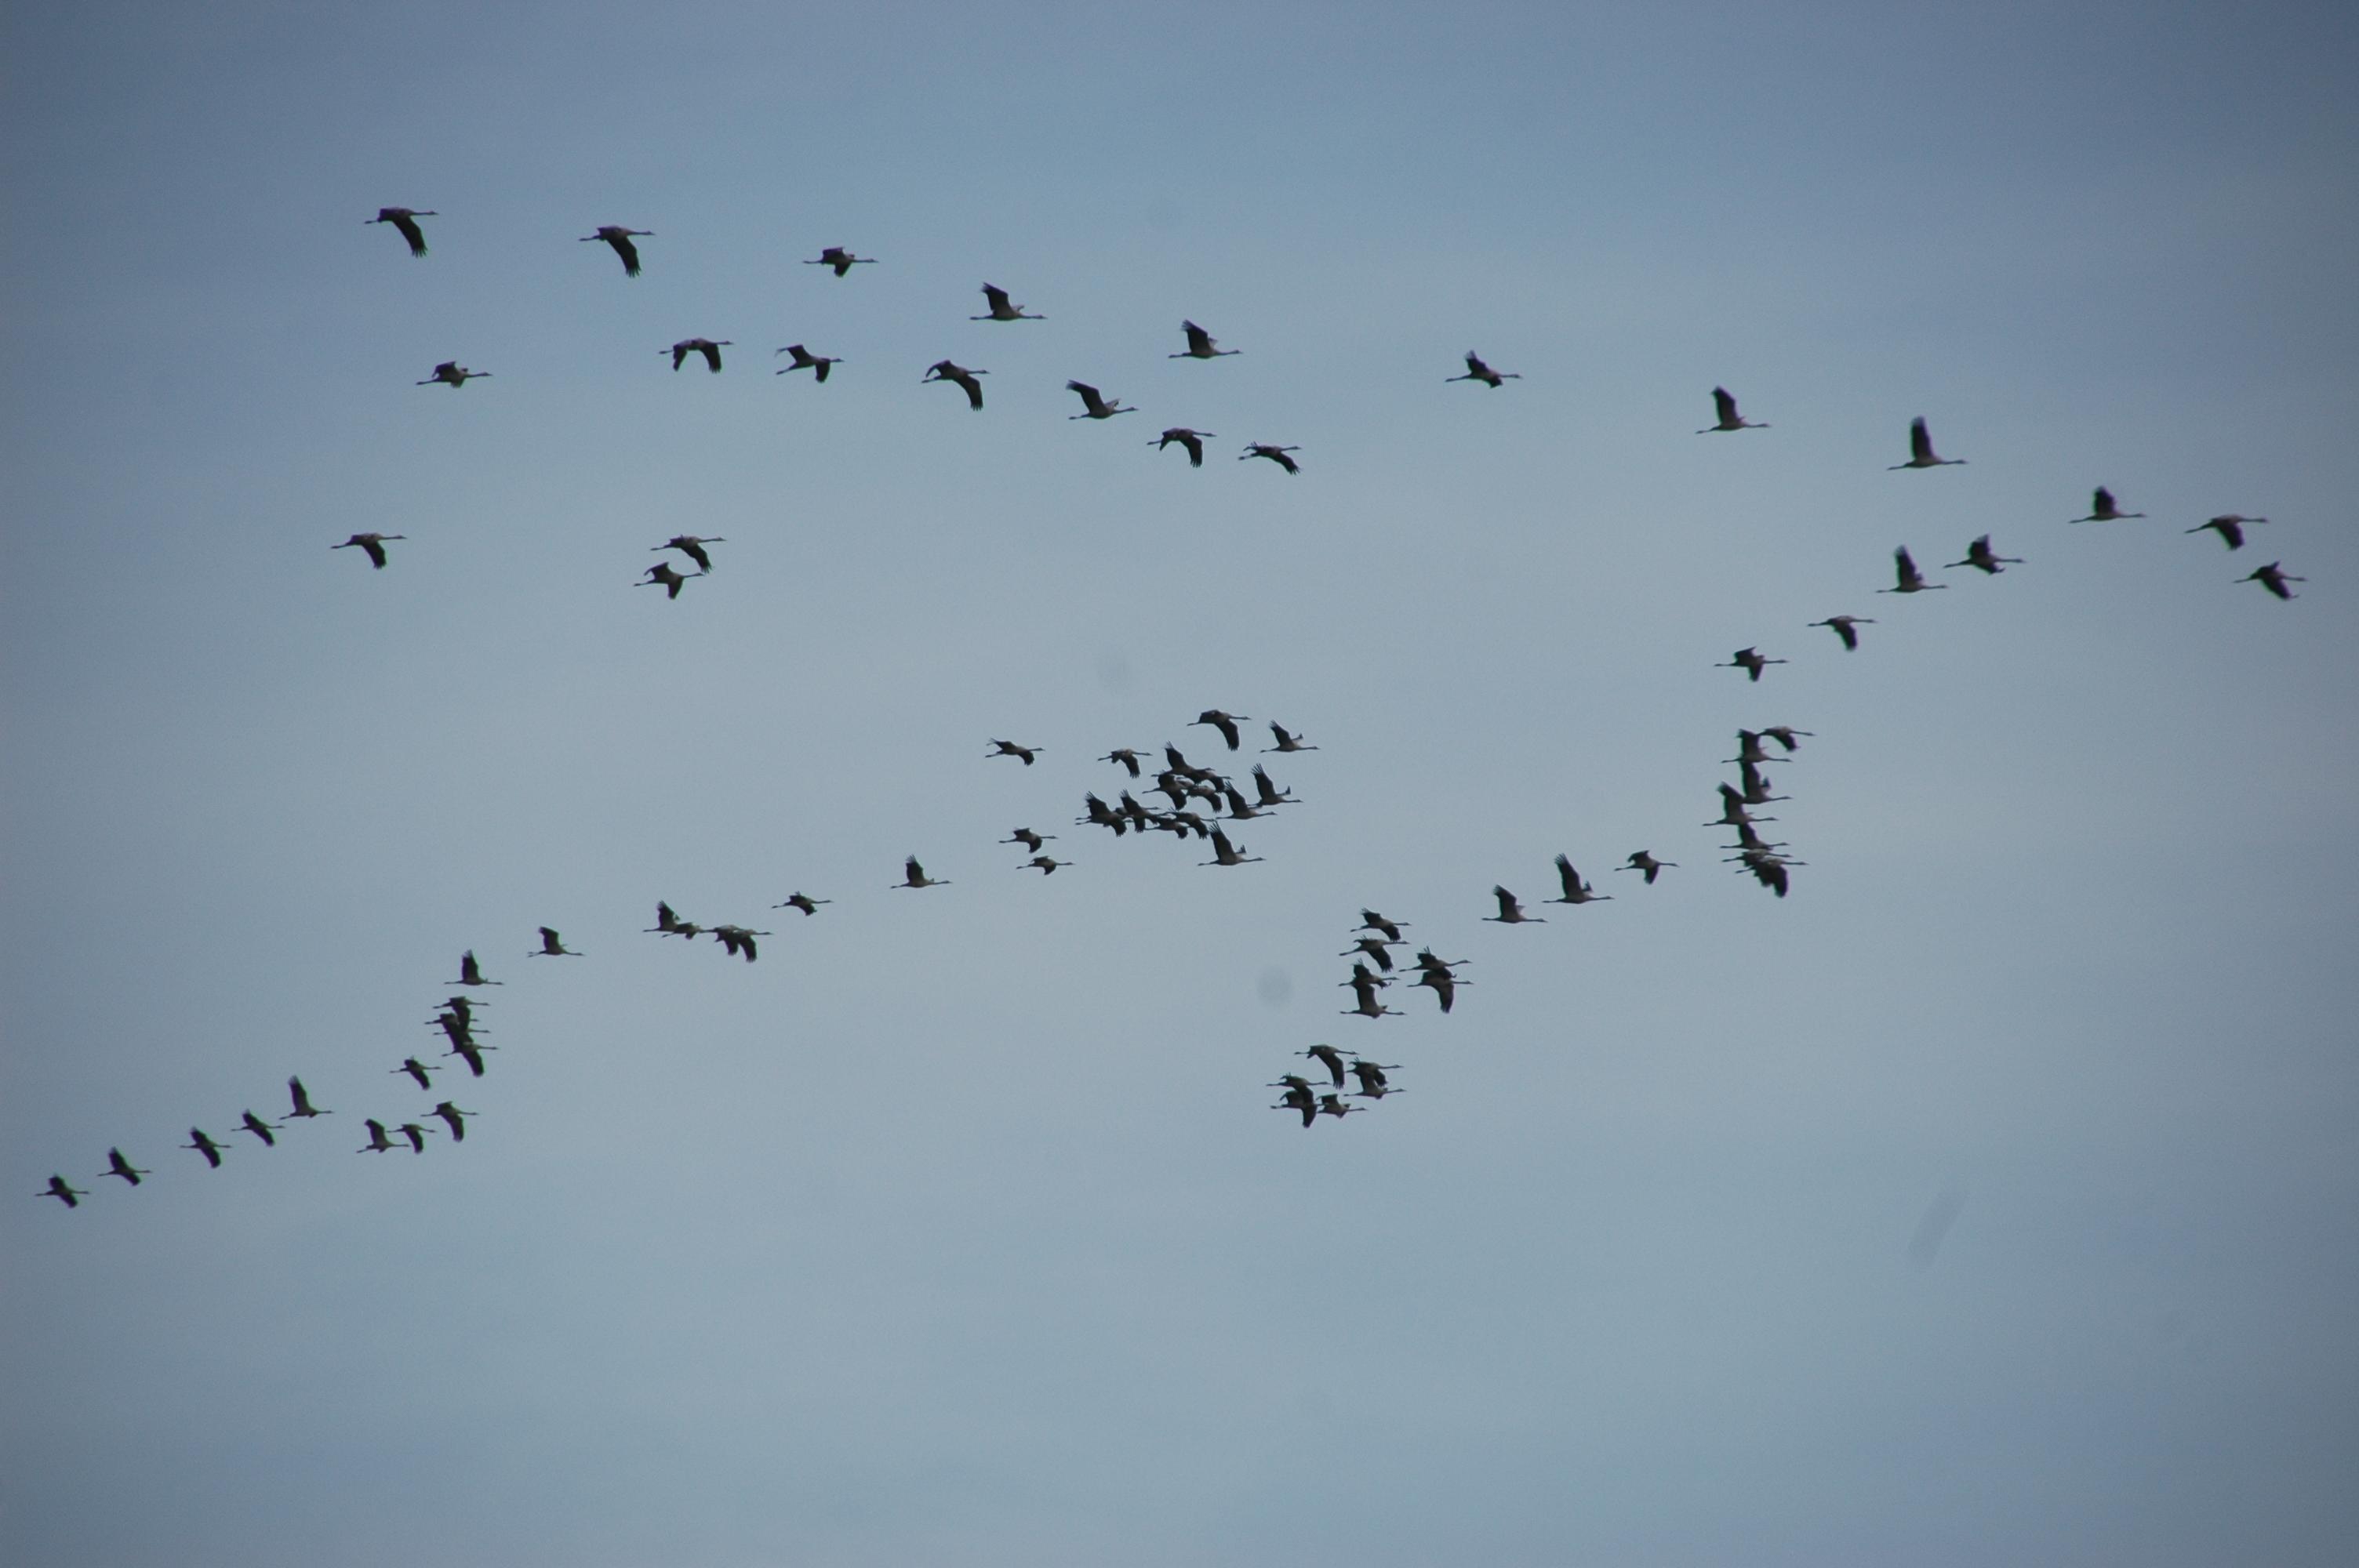 Die in V-förmigen Formationen ziehenden Kraniche sind besonders auffallend, derzeit sind aber auch viele andere Zugvögel unterwegs